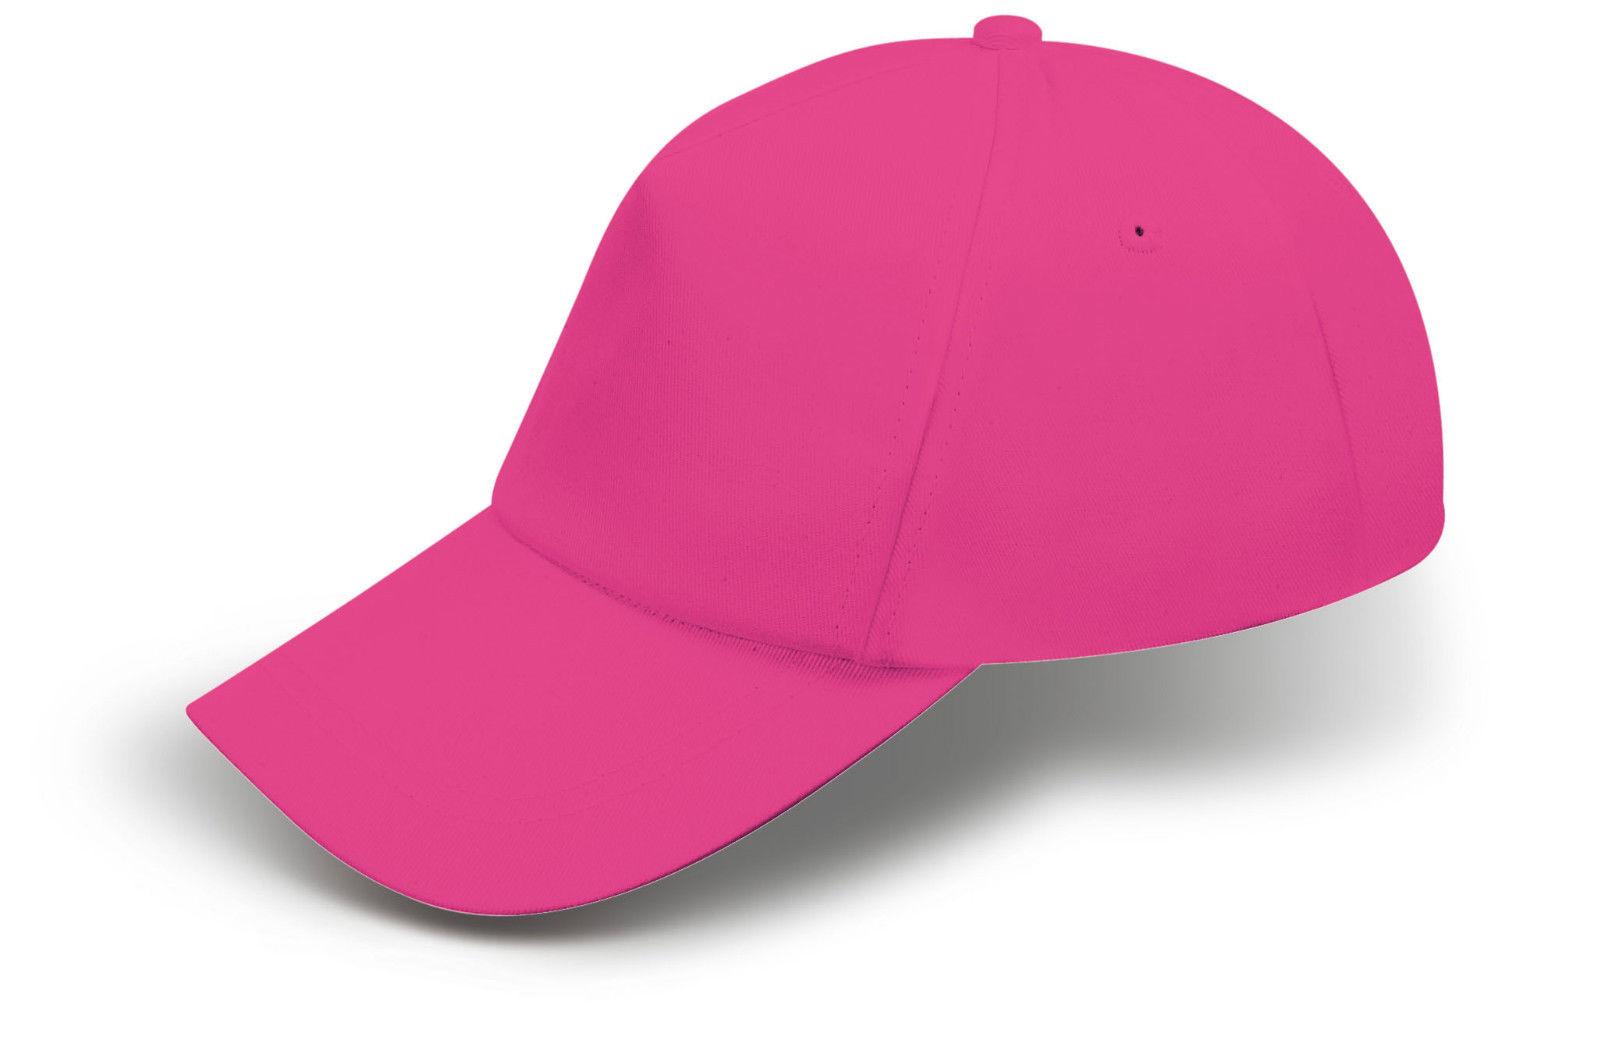 Cappello cappellino con visiera bambini bimbi scuola for Cappellino con visiera